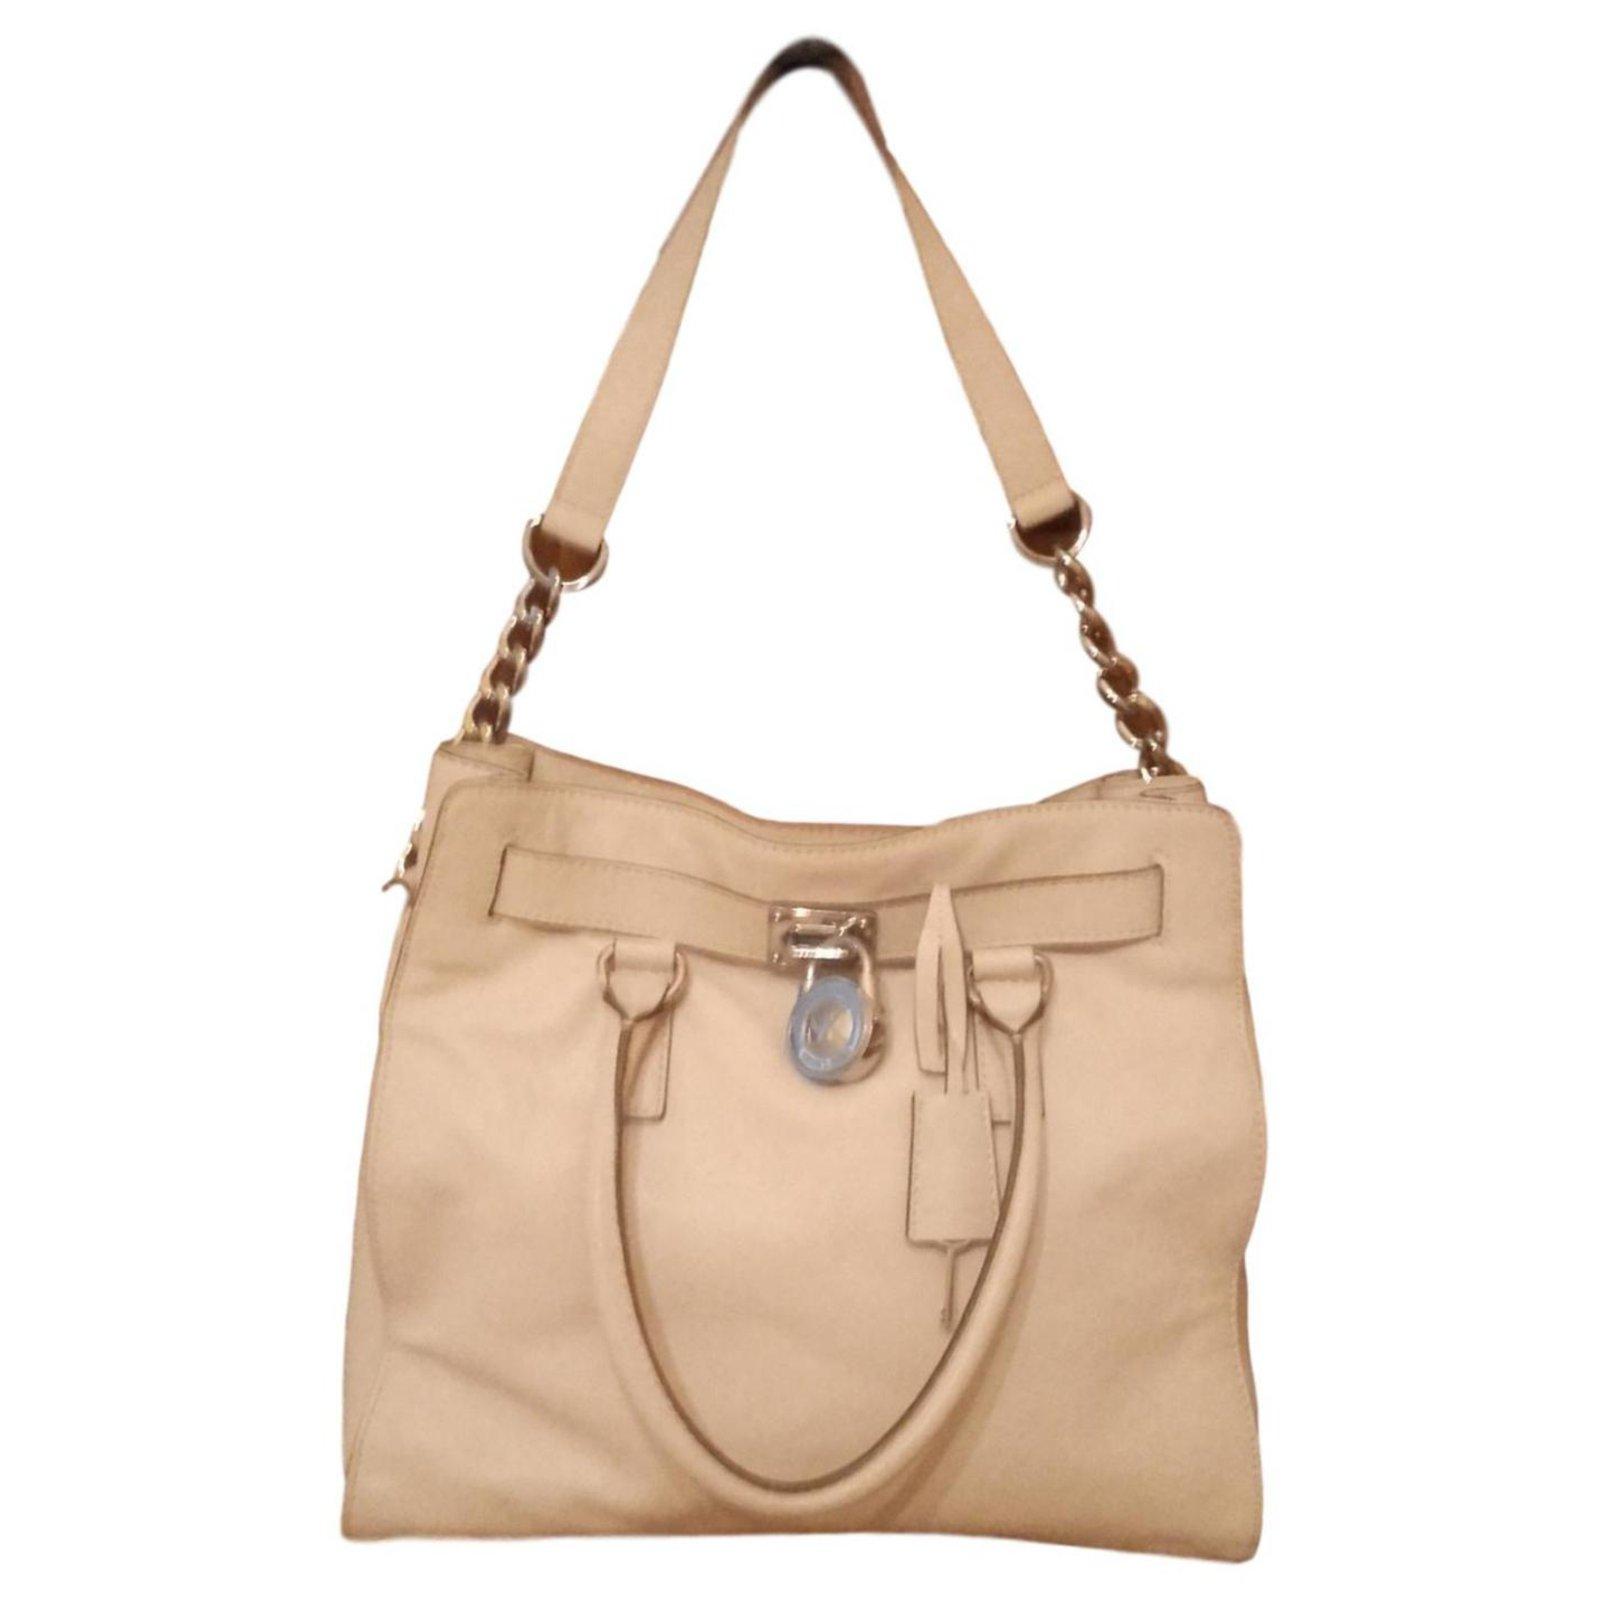 f86f844659be Michael Kors Tan Soft Leather Handbag - Foto Handbag All Collections ...